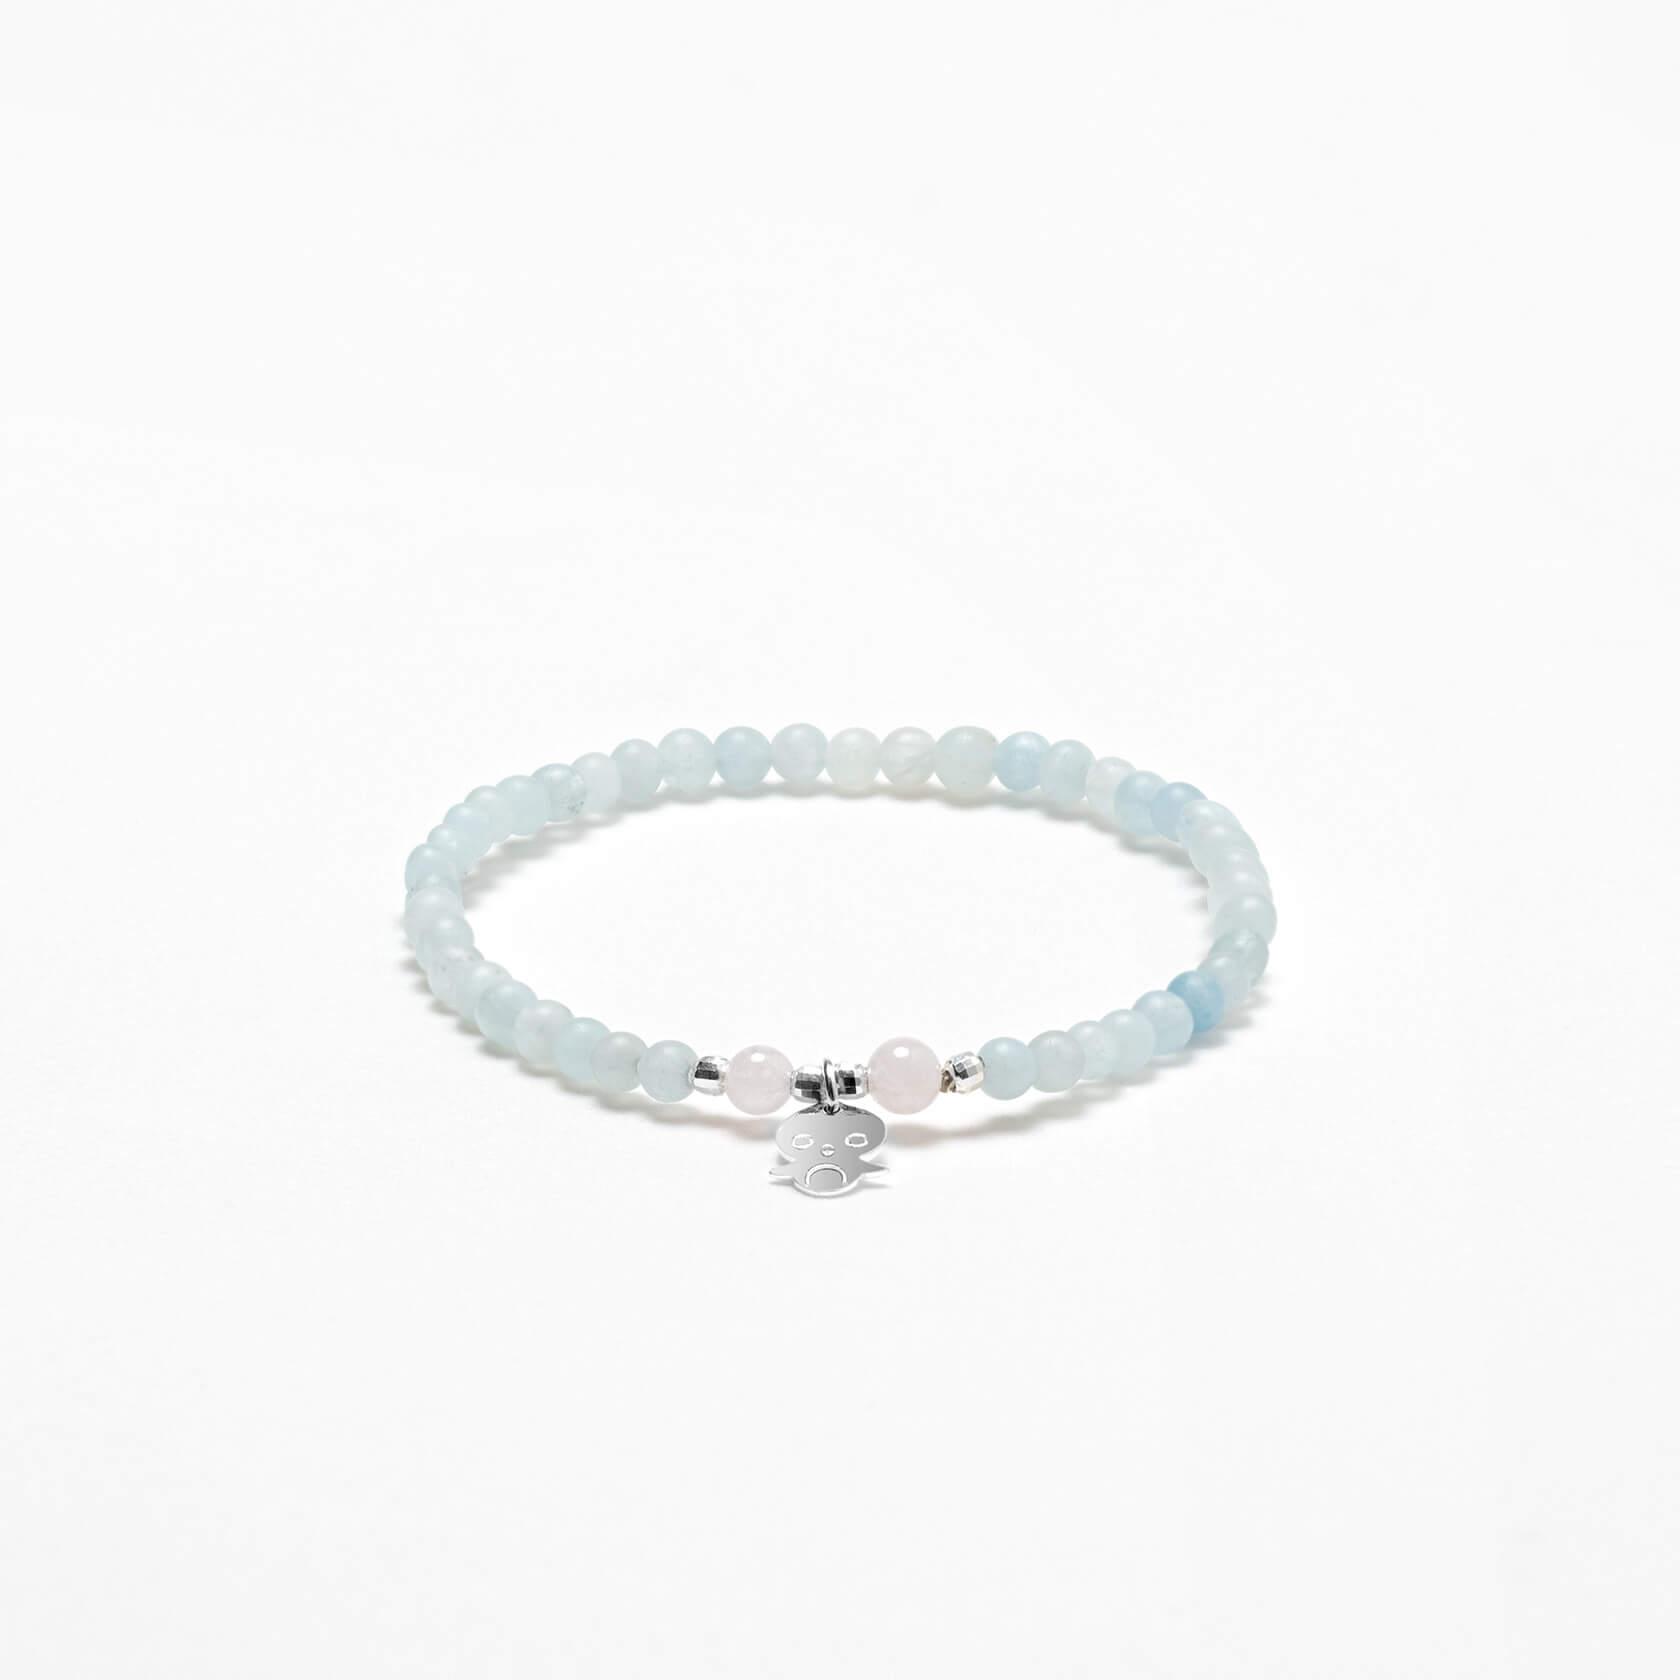 Penguin aquamarine bracelet